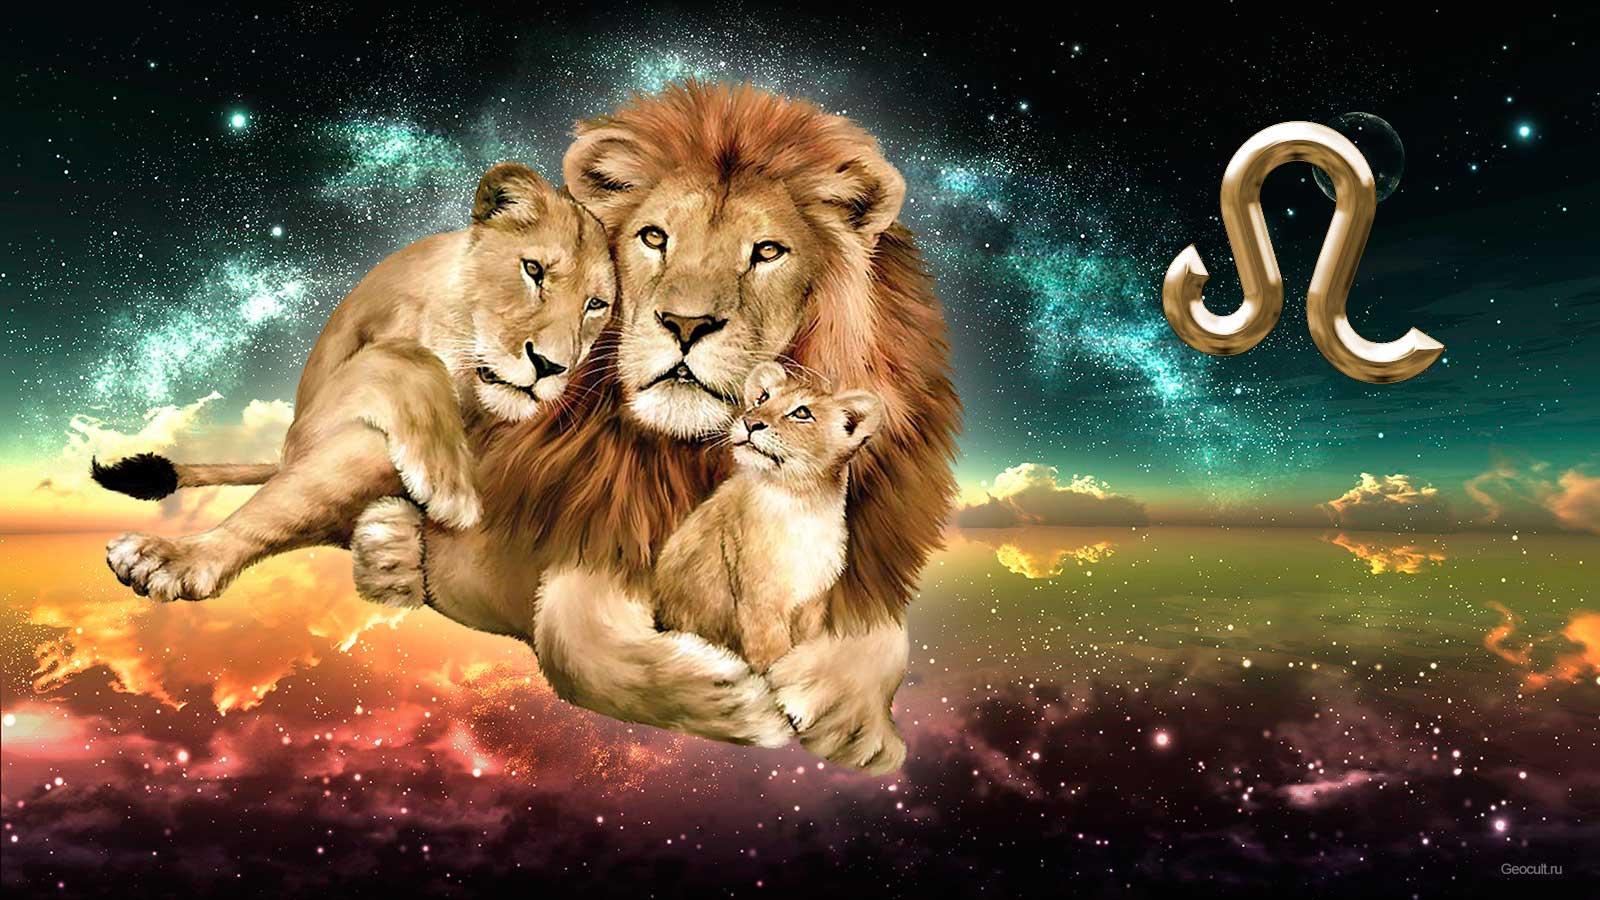 Поздравления с днем рождения женщин львов фото 831